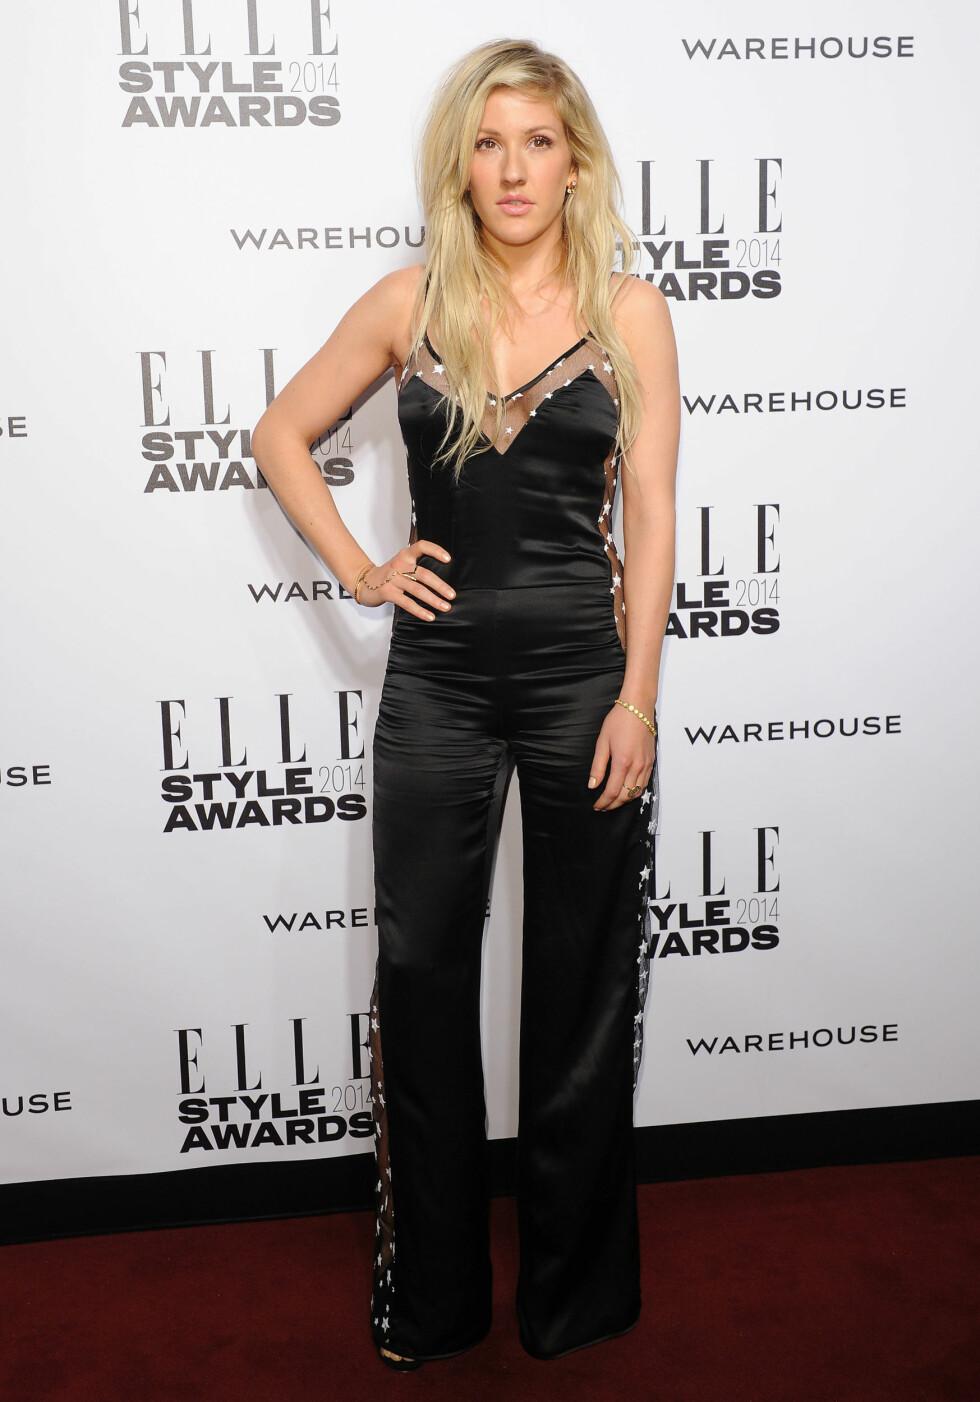 Ellie Goulding   Foto: Retna/Photoshot/All Over Press